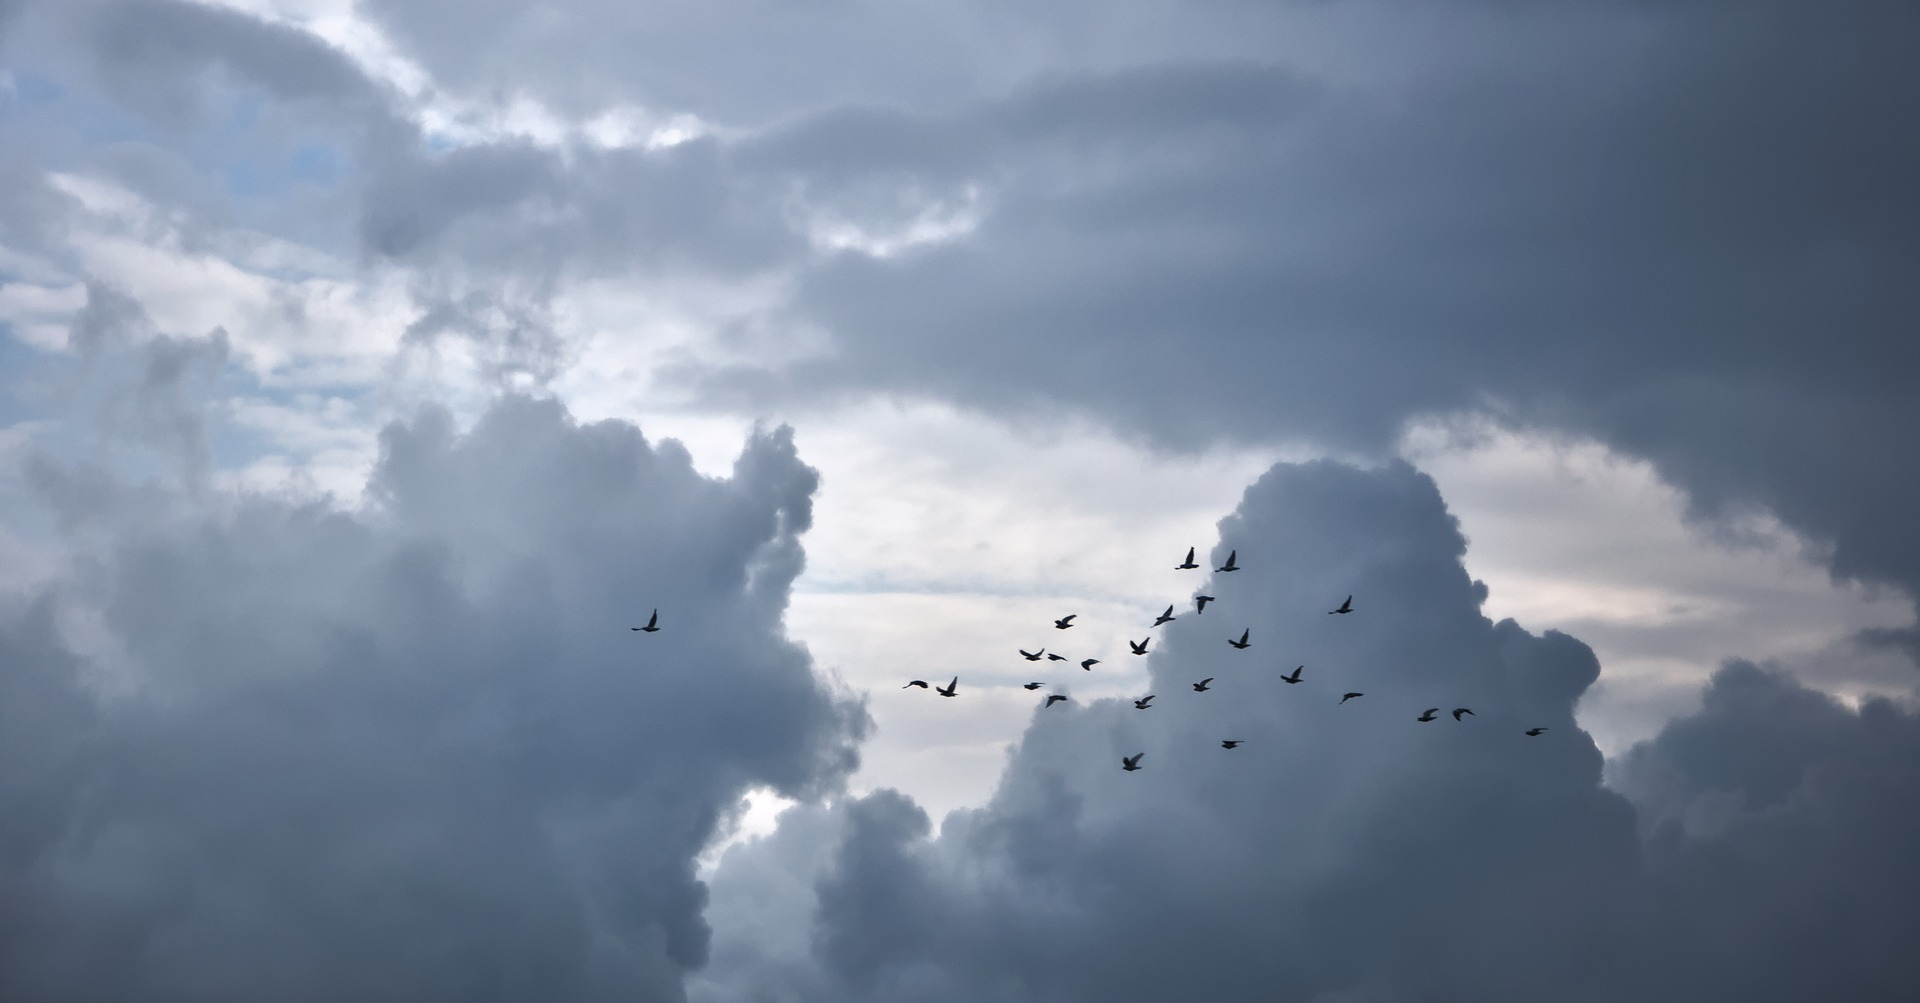 clouds-3663024_1920